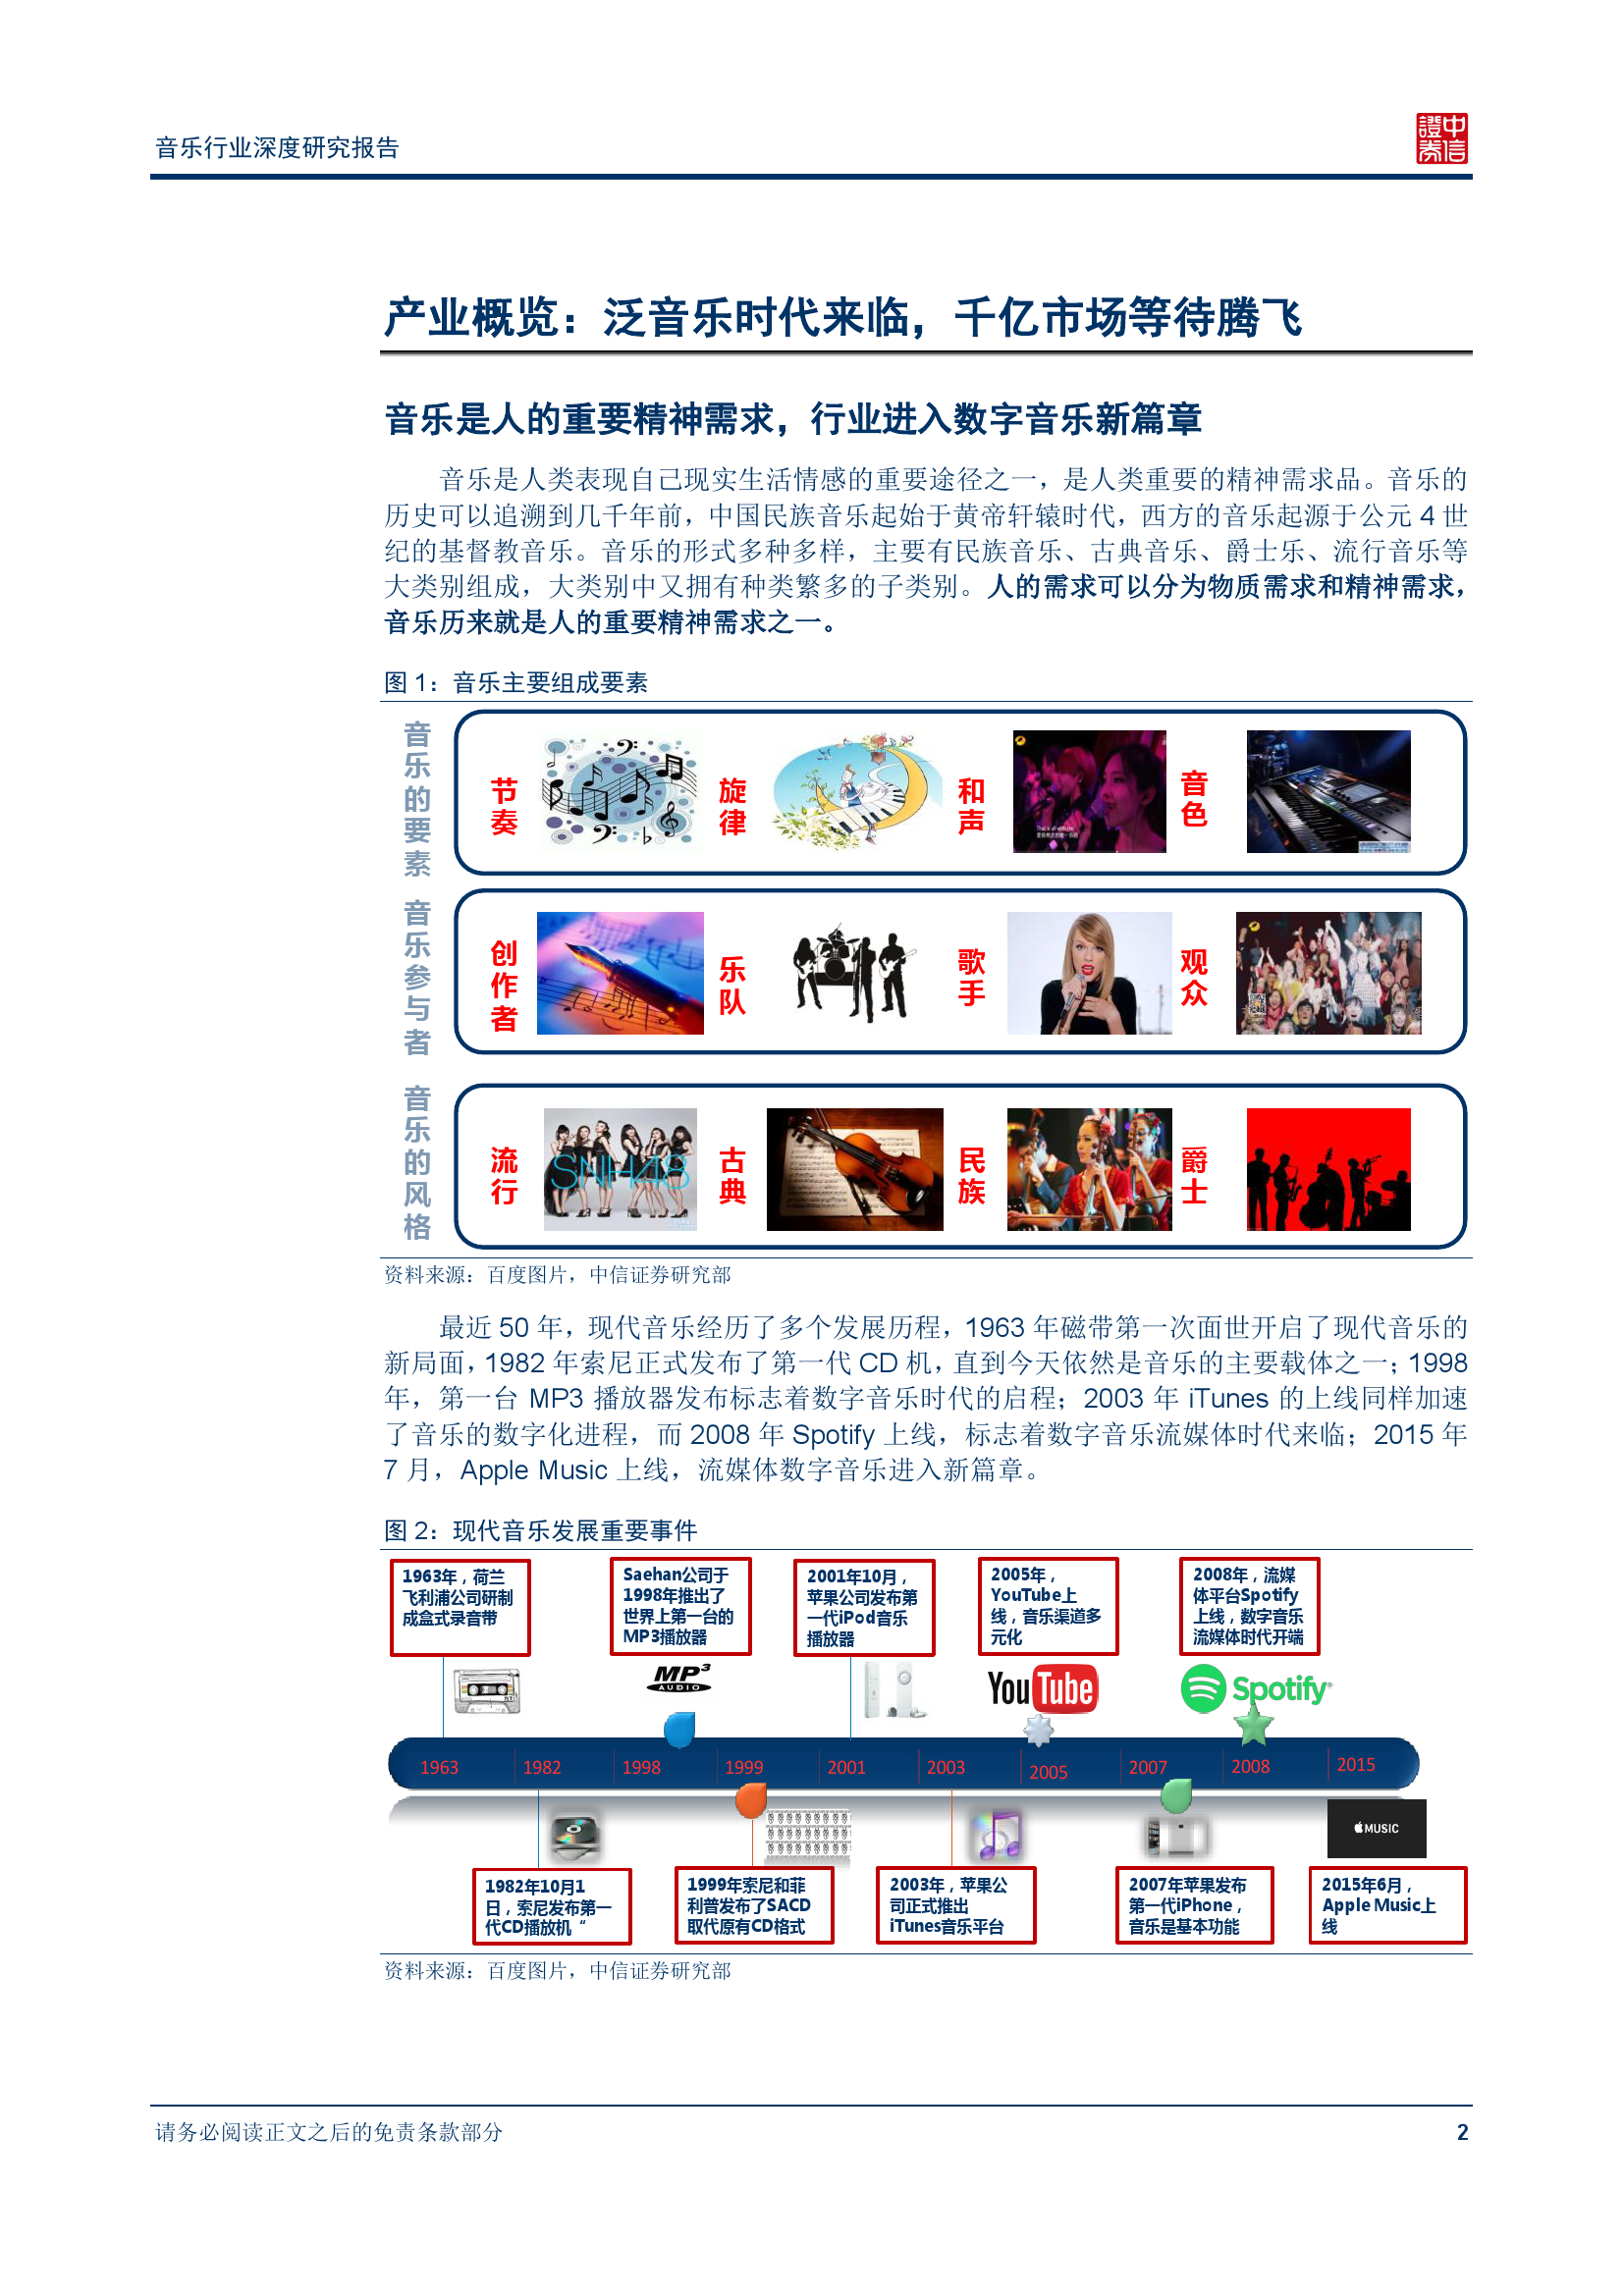 中信证券音乐行业深度研究报告_000007